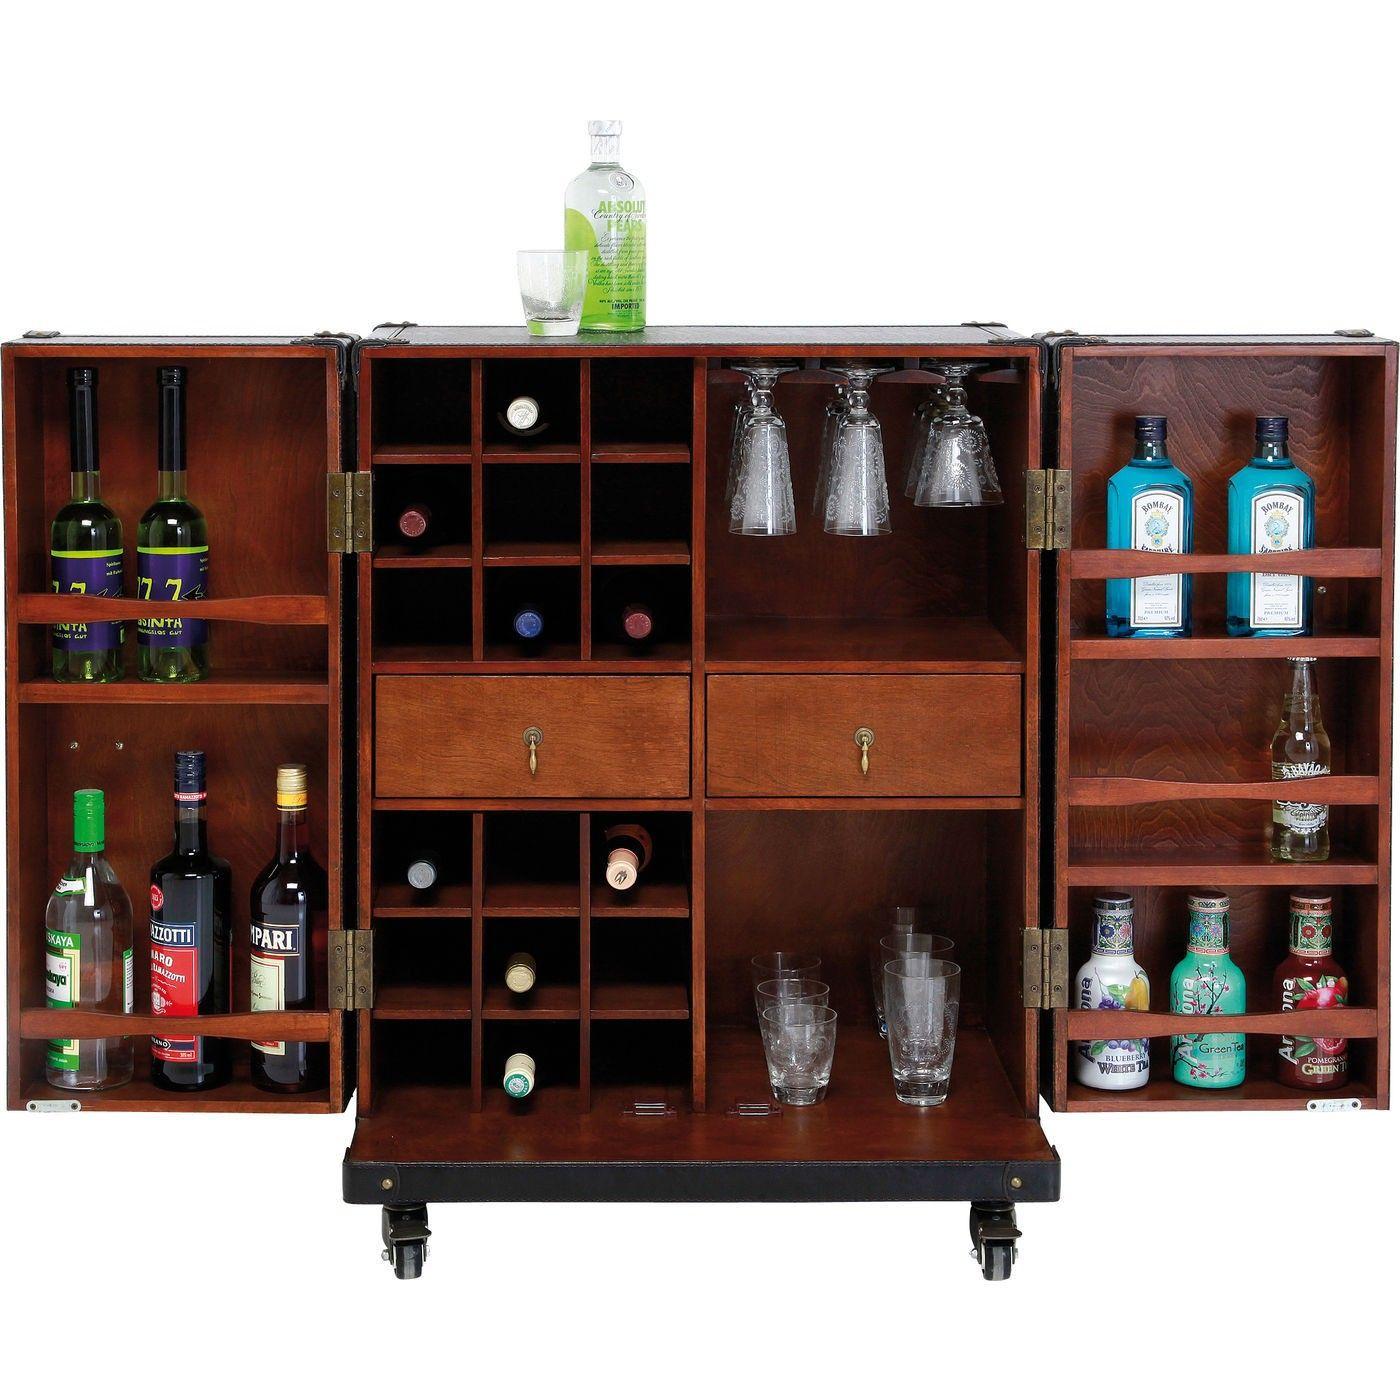 kare design - -bar colonial trunk small - versandkostenfrei jetzt, Möbel